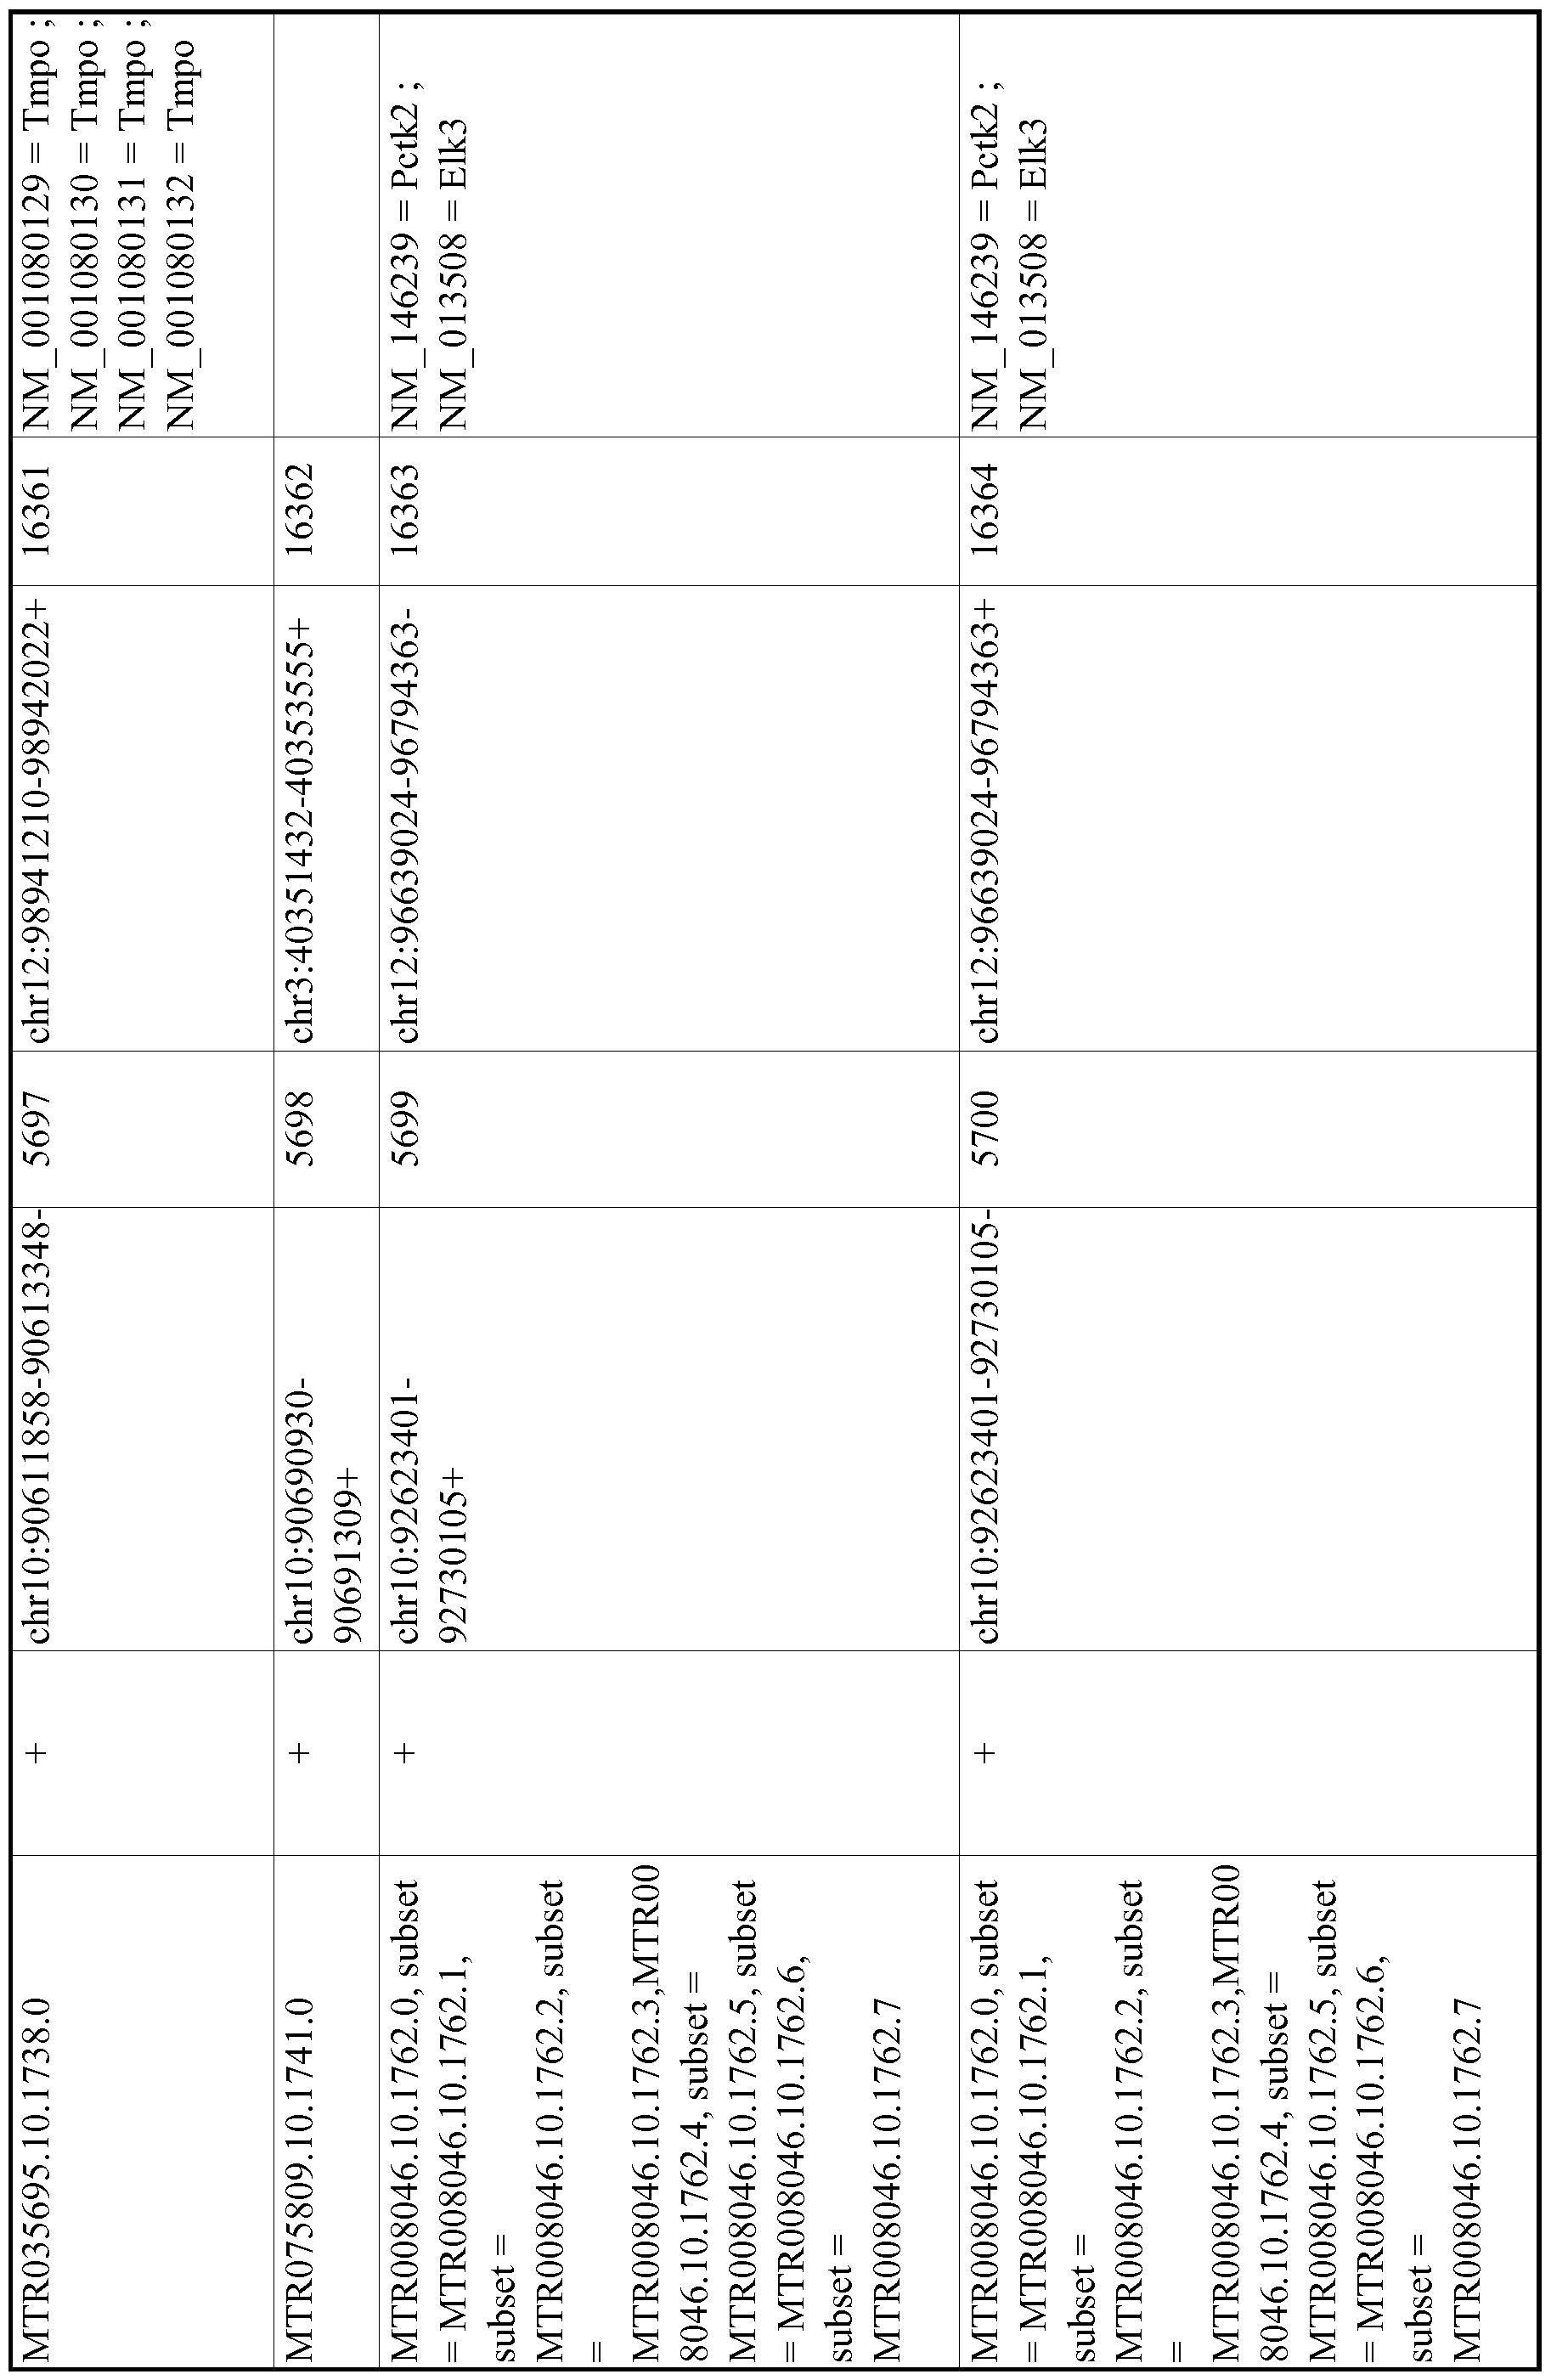 Figure imgf001028_0001